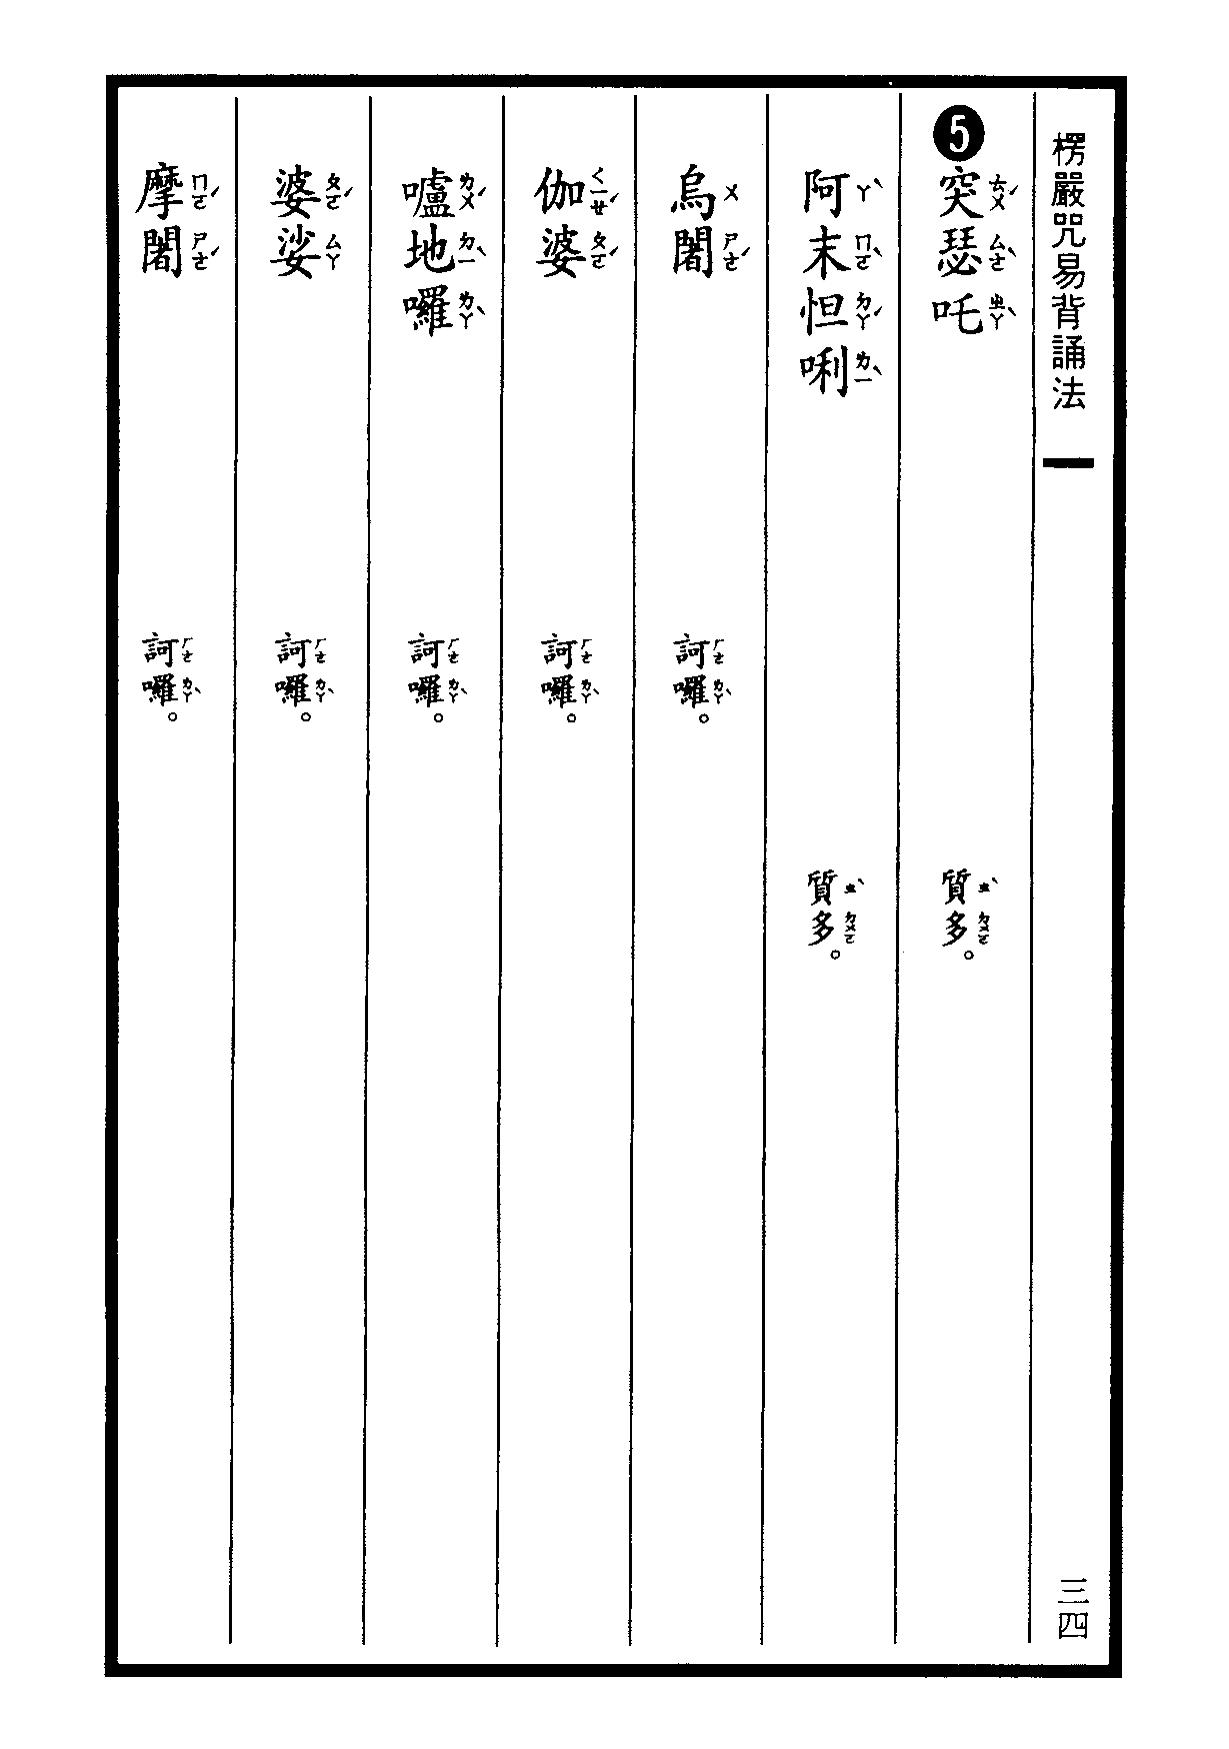 楞嚴咒-大悲咒-十小咒-易背本 40.png